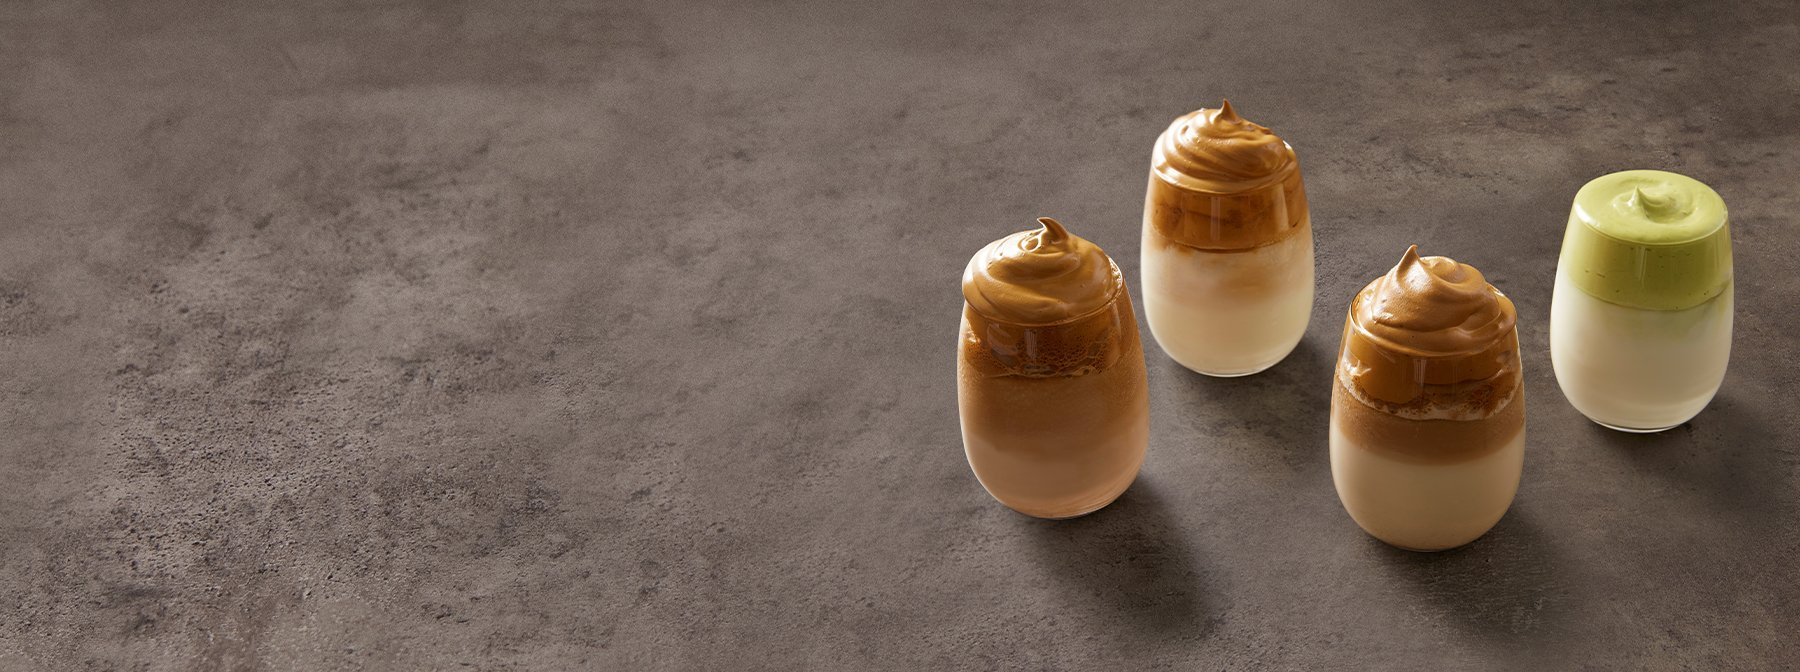 Proteinreicher Dalgona Kaffee Zweierlei